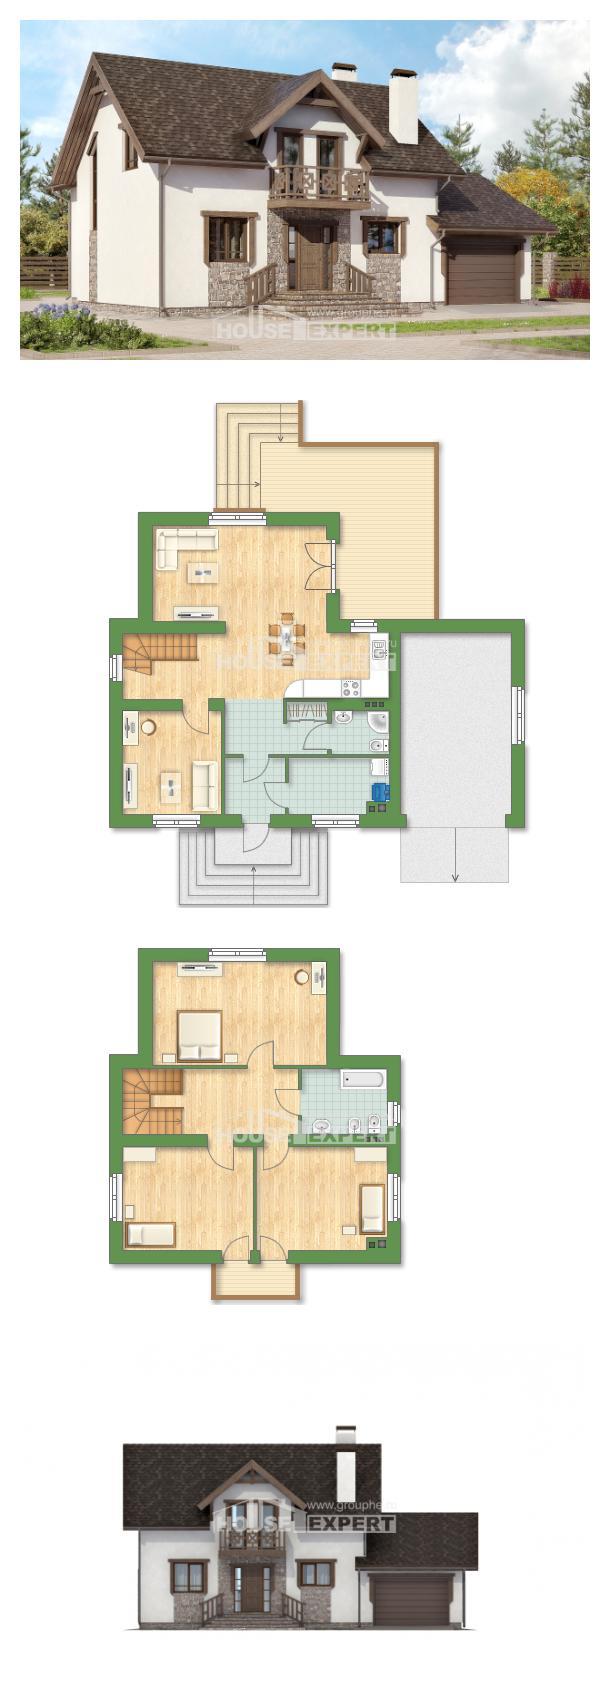 Plan 180-013-R   House Expert